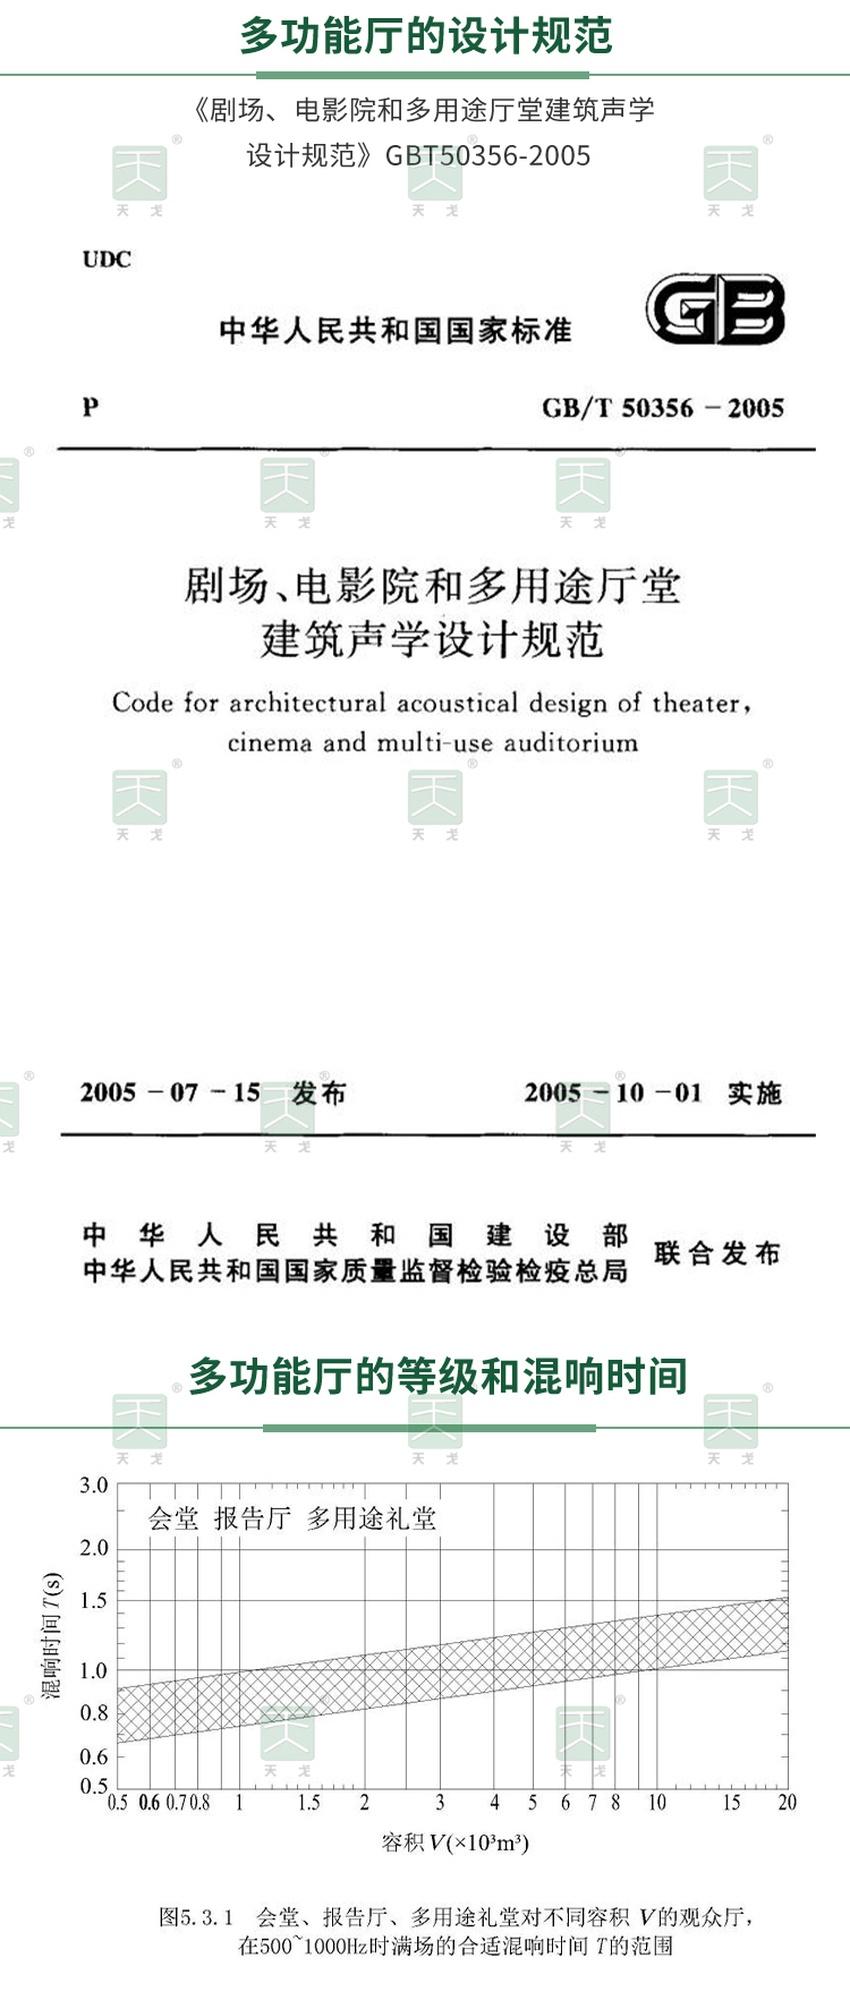 多功能厅(会议室)声学设计规范